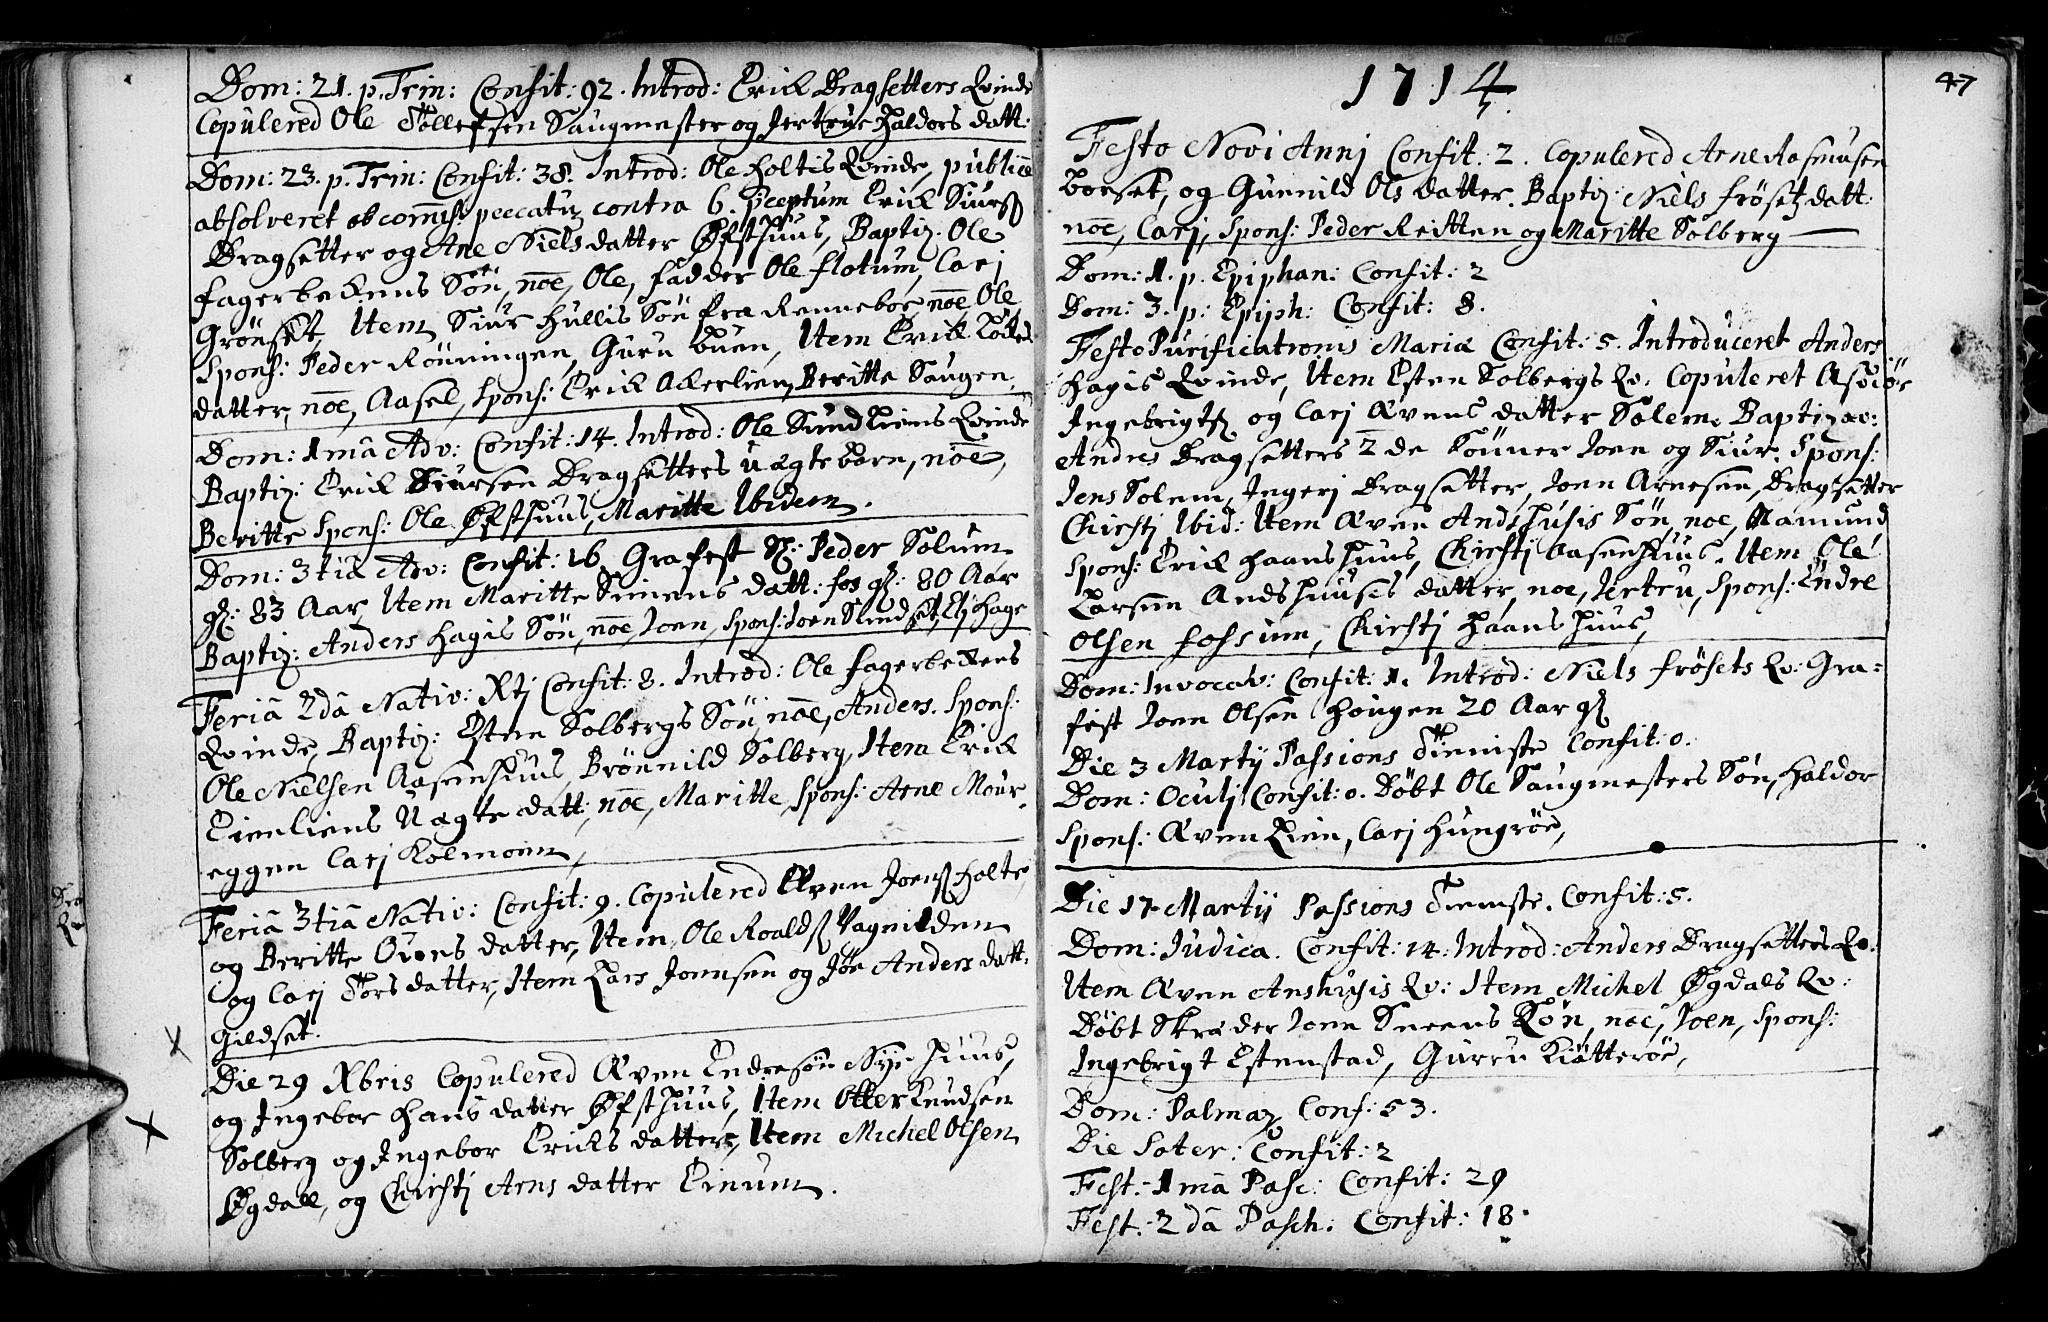 SAT, Ministerialprotokoller, klokkerbøker og fødselsregistre - Sør-Trøndelag, 689/L1036: Ministerialbok nr. 689A01, 1696-1746, s. 47